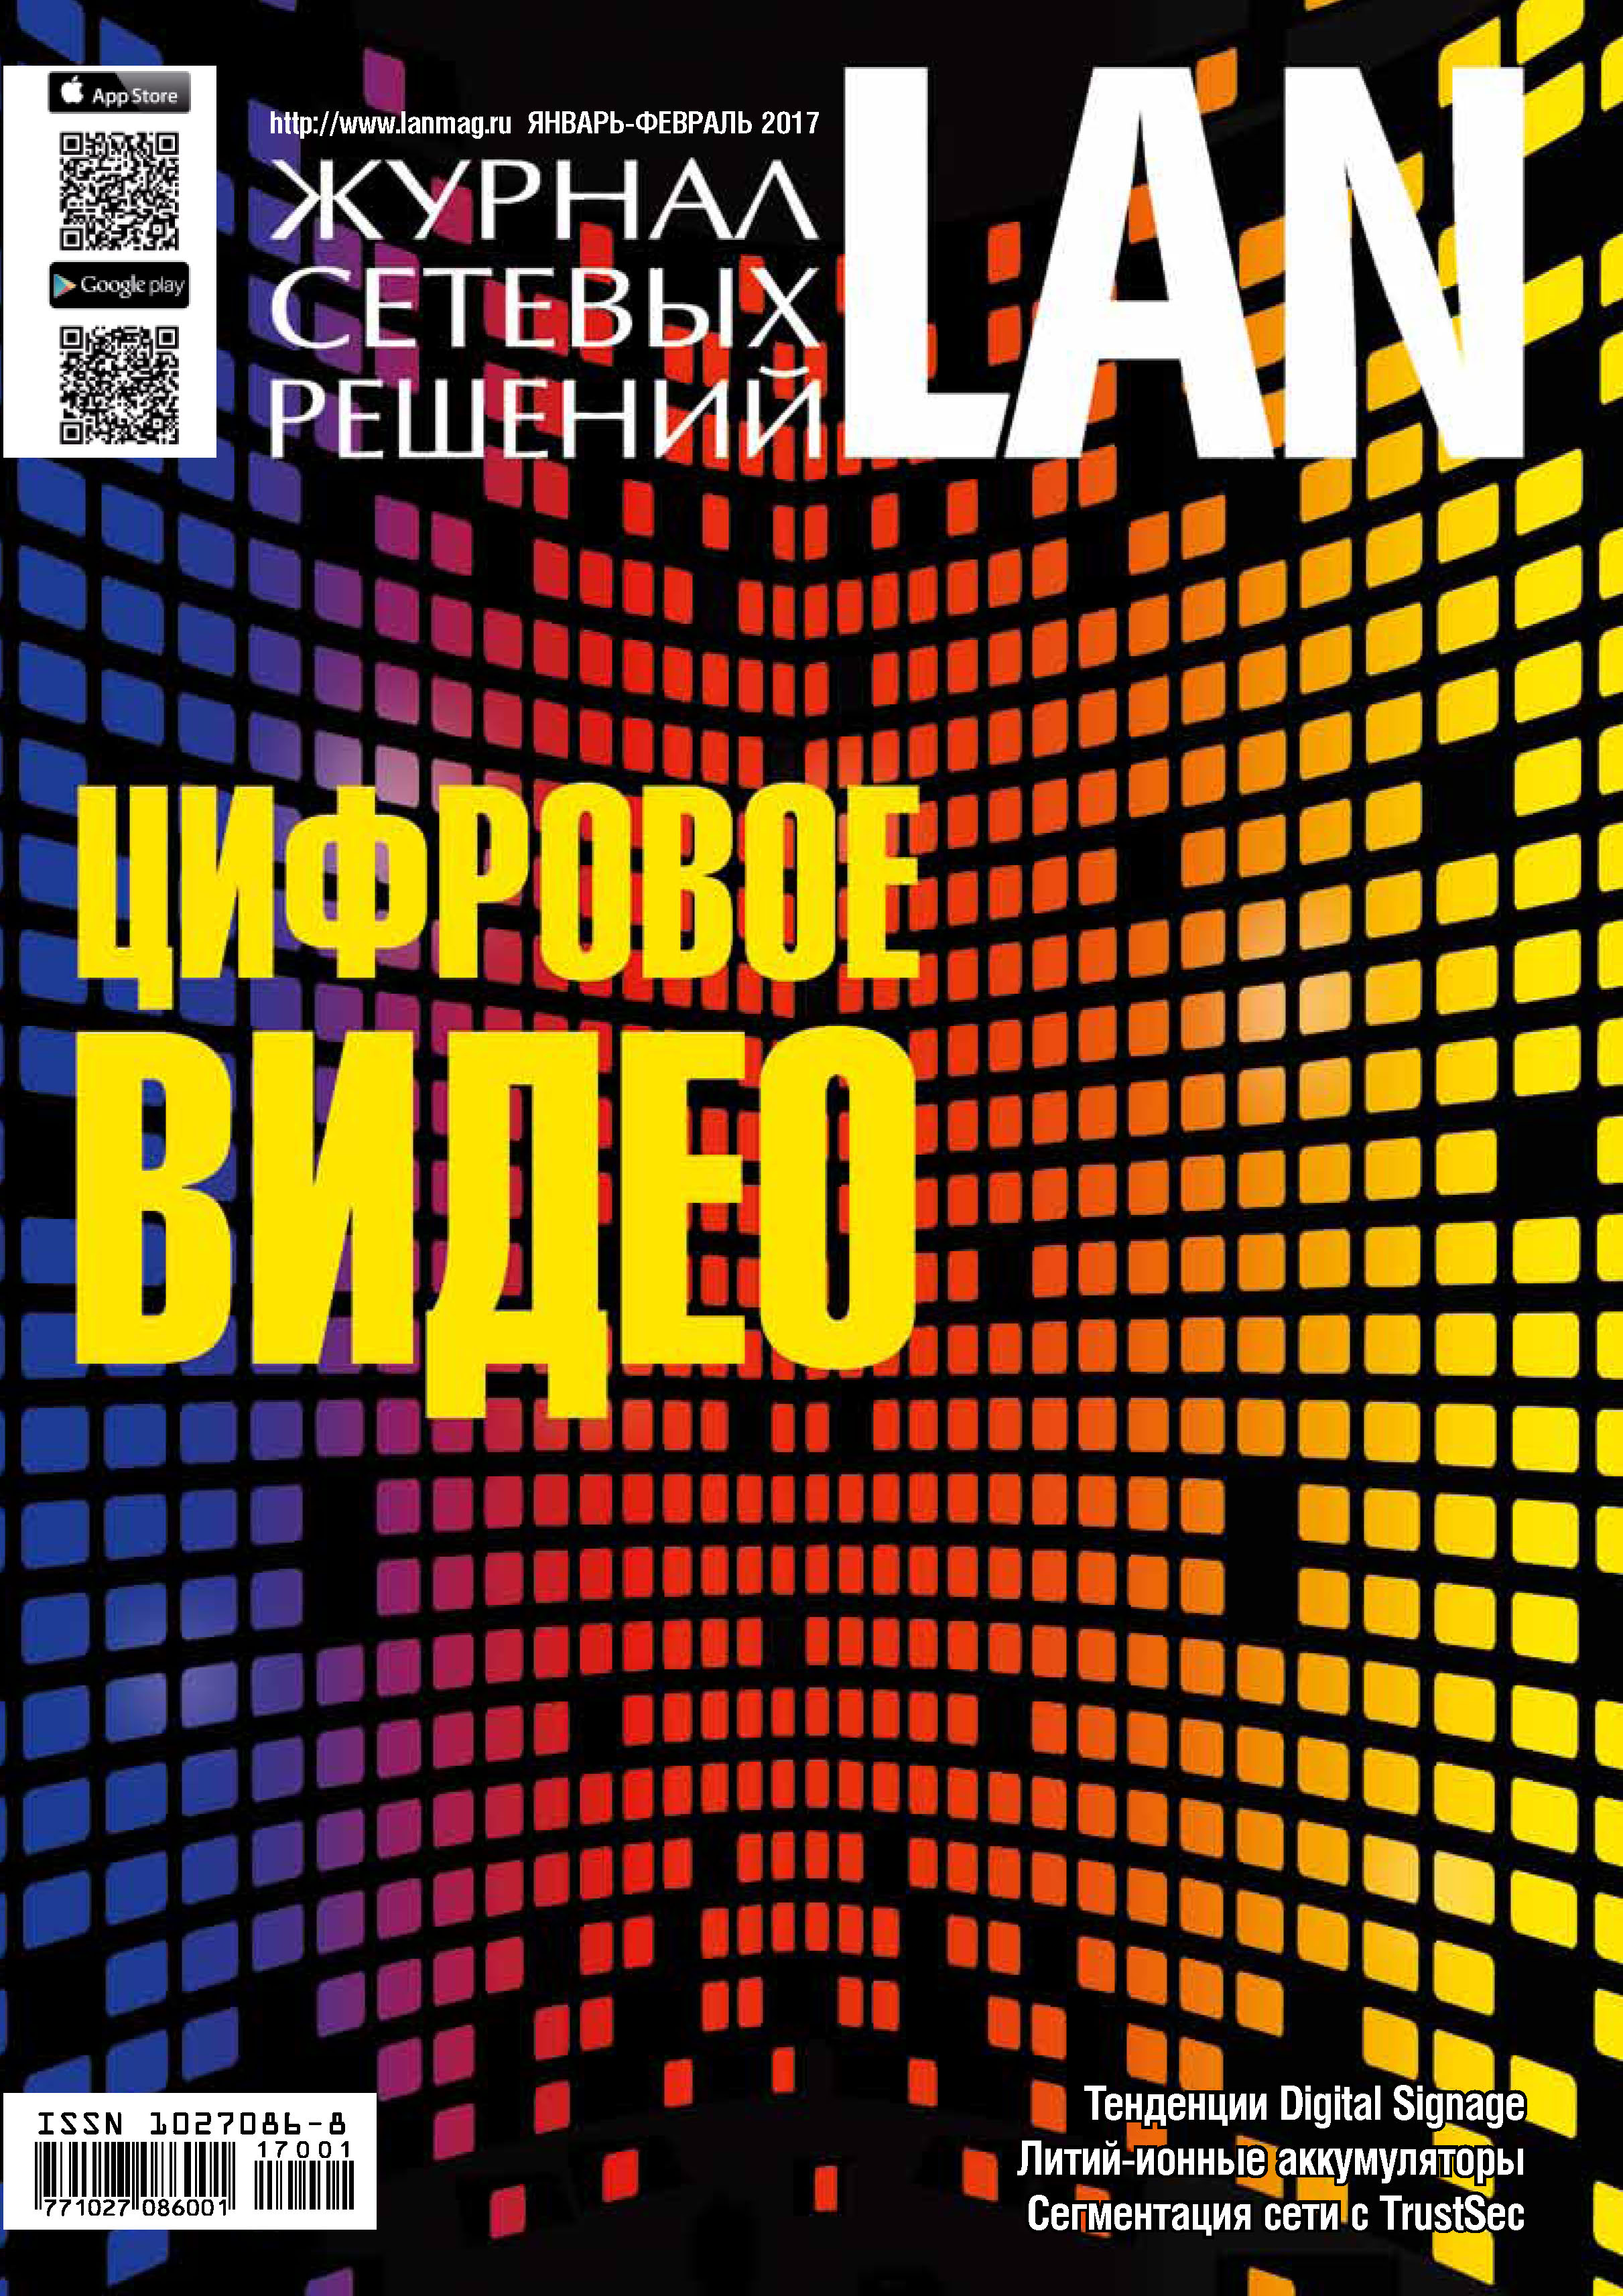 Открытые системы Журнал сетевых решений / LAN №01-02/2017 цены онлайн